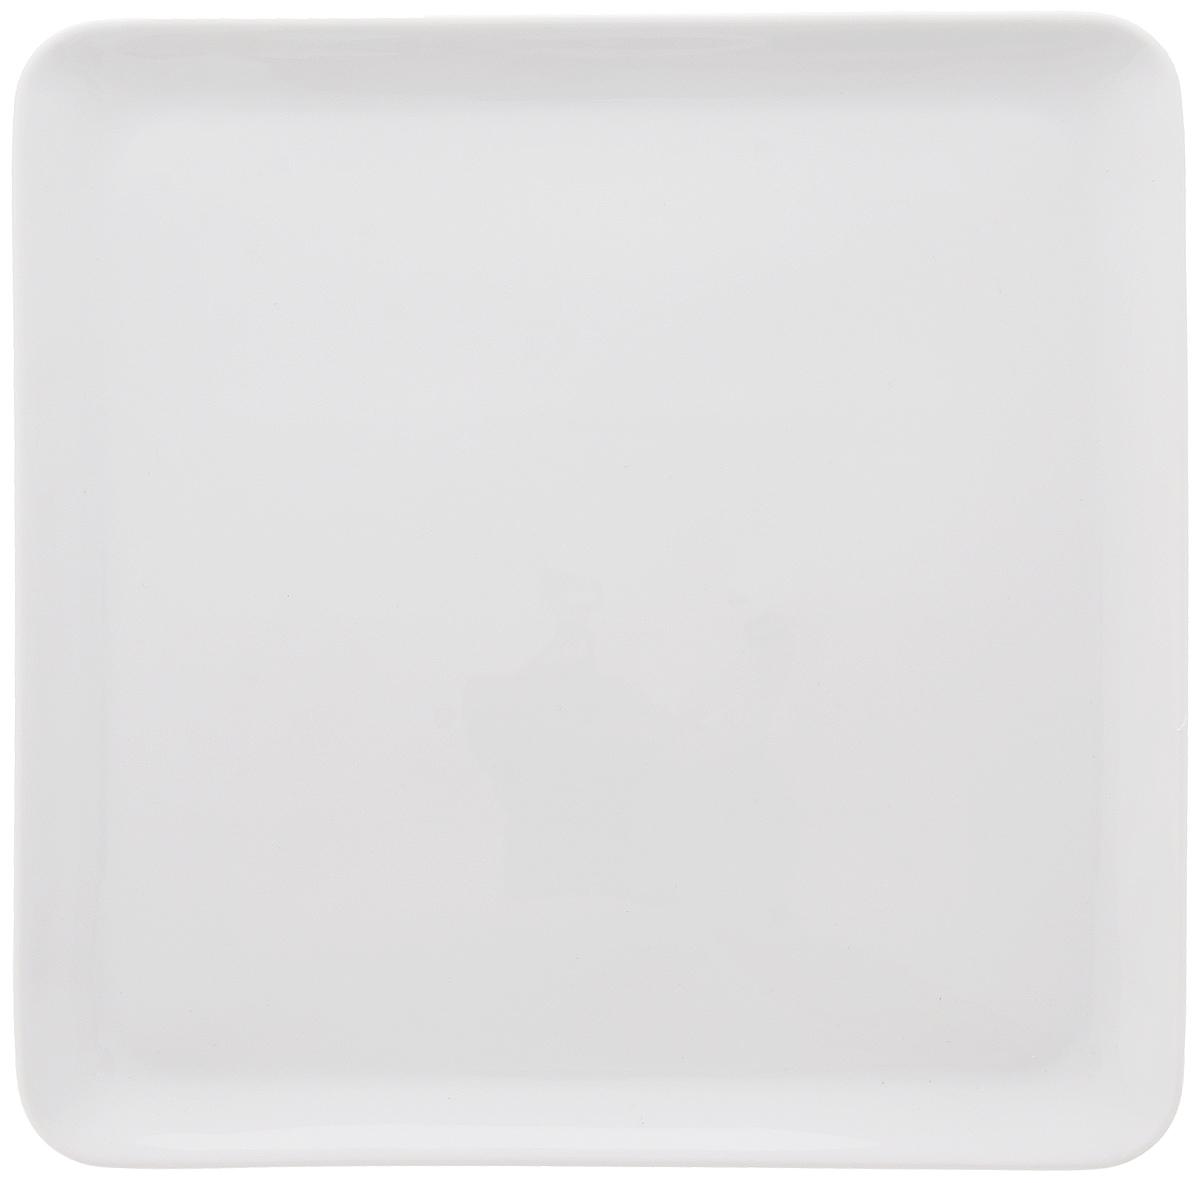 """Квадратная тарелка La Rose Des Sables """"Yaka"""" выполнена из высококачественного фарфора. Изящный дизайн придется по вкусу и ценителям классики, и тем, кто предпочитает утонченность.  Тарелка La Rose Des Sables """"Yaka"""" идеально подойдет для сервировки стола и станет отличным подарком к любому празднику. Тарелку можно использовать в микроволновой печи и посудомоечной машине. Размер тарелки: 24,5 х 25,5 см. Высота тарелки: 2 см."""